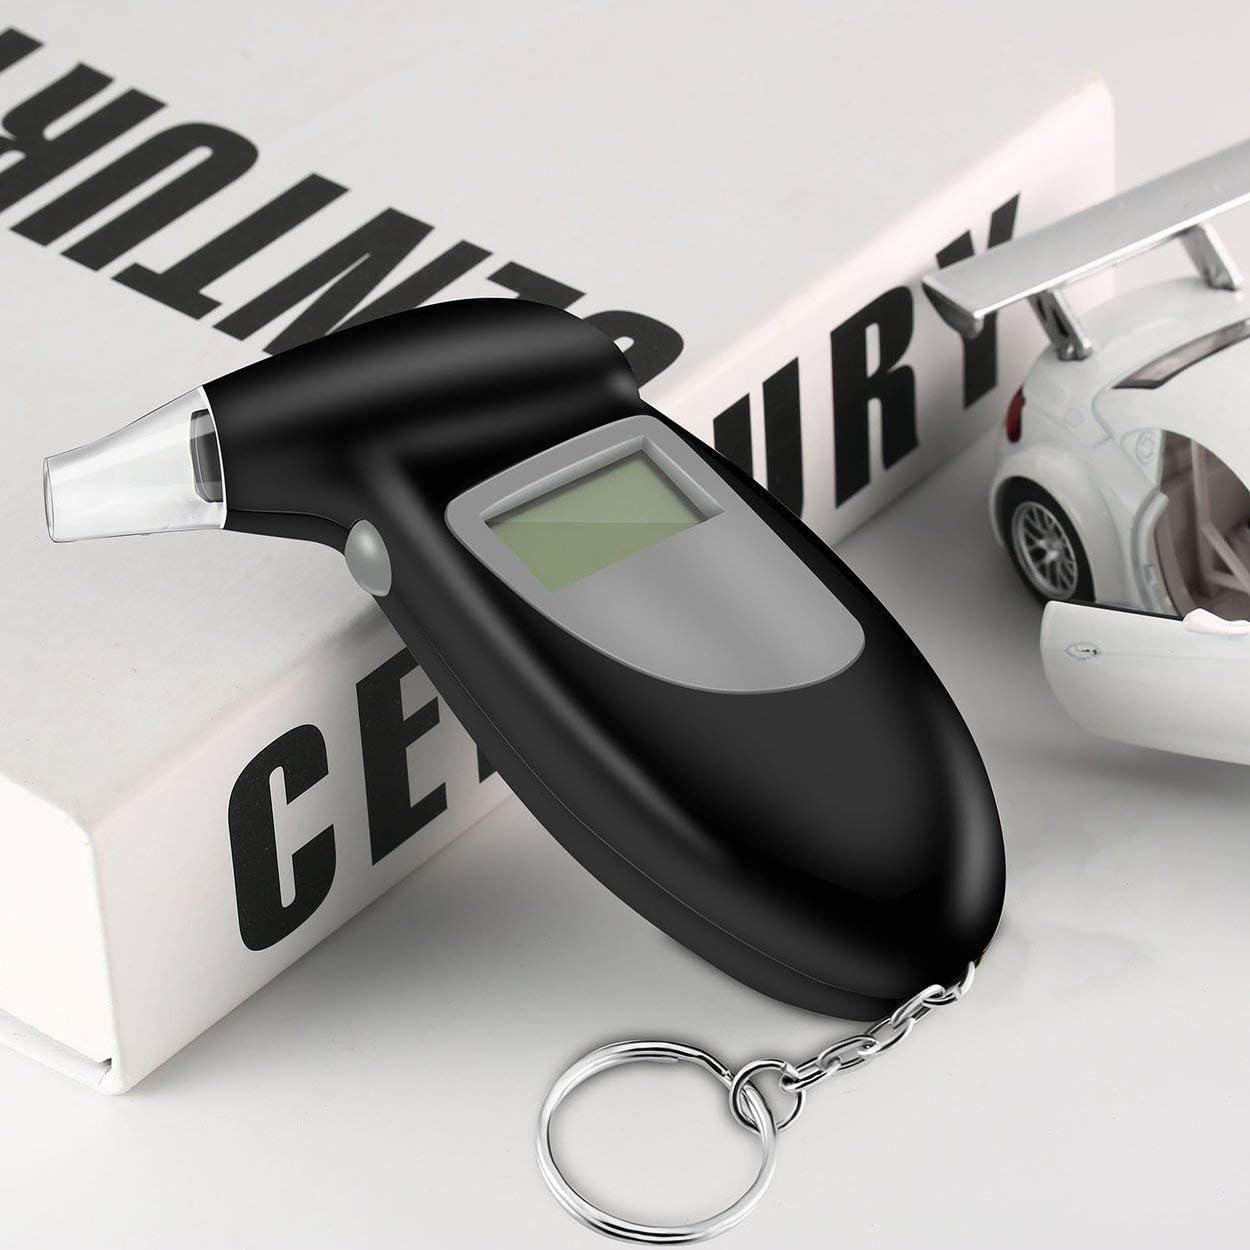 Lorenlli Probador de Alcohol en el Aliento analizador de alcohol/ímetro analizador Digital Prueba Llavero Dispositivo de Prueba de alcohol/ímetro de alcohol/ímetro